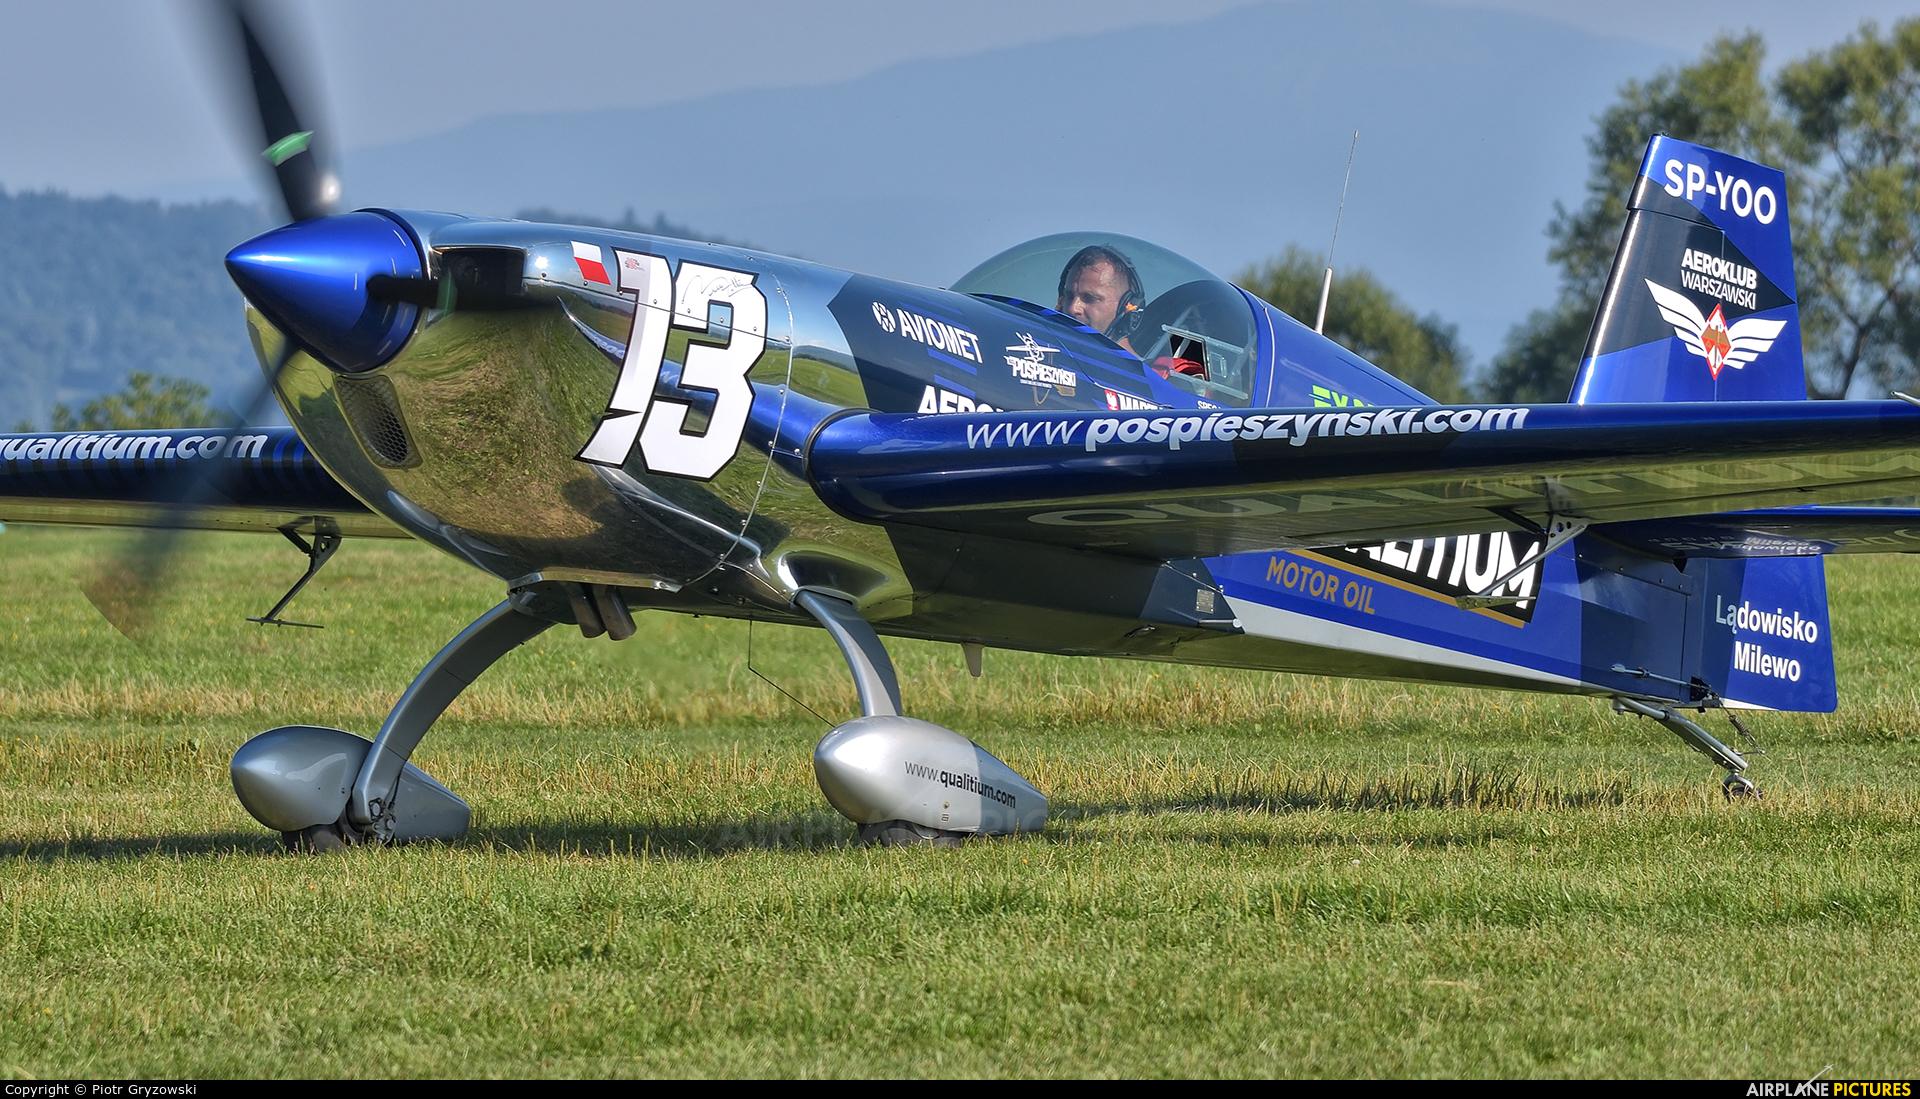 Maciej Pospieszyński - Aerobatics SP-YOO aircraft at Bielsko-Biała - Aleksandrowice